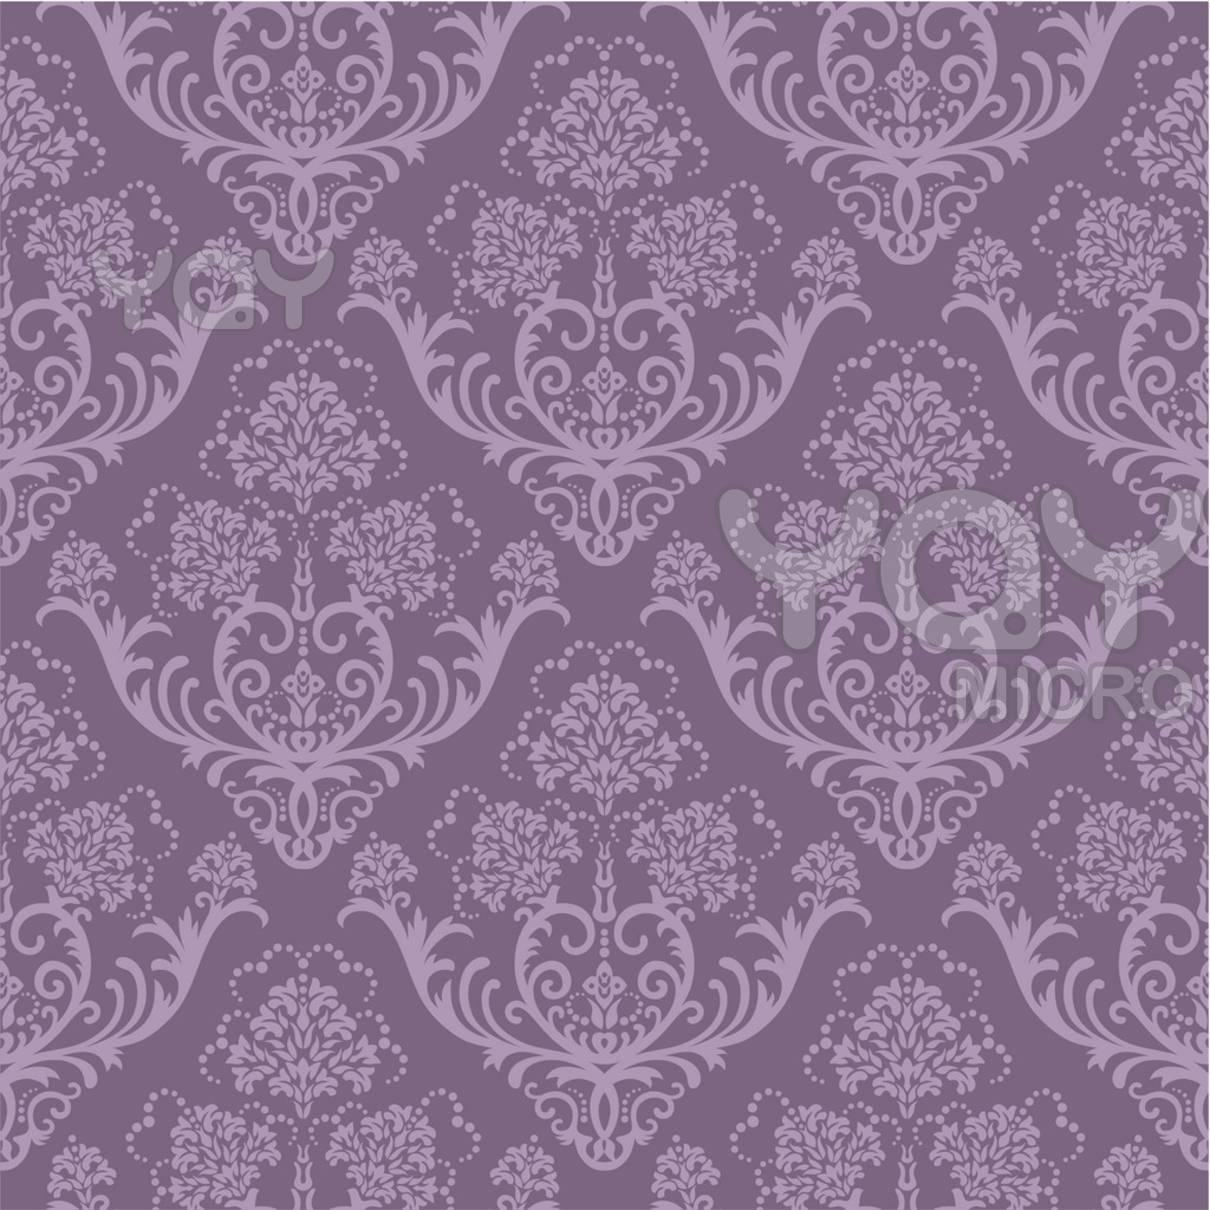 purple damask wallpaper - photo #11